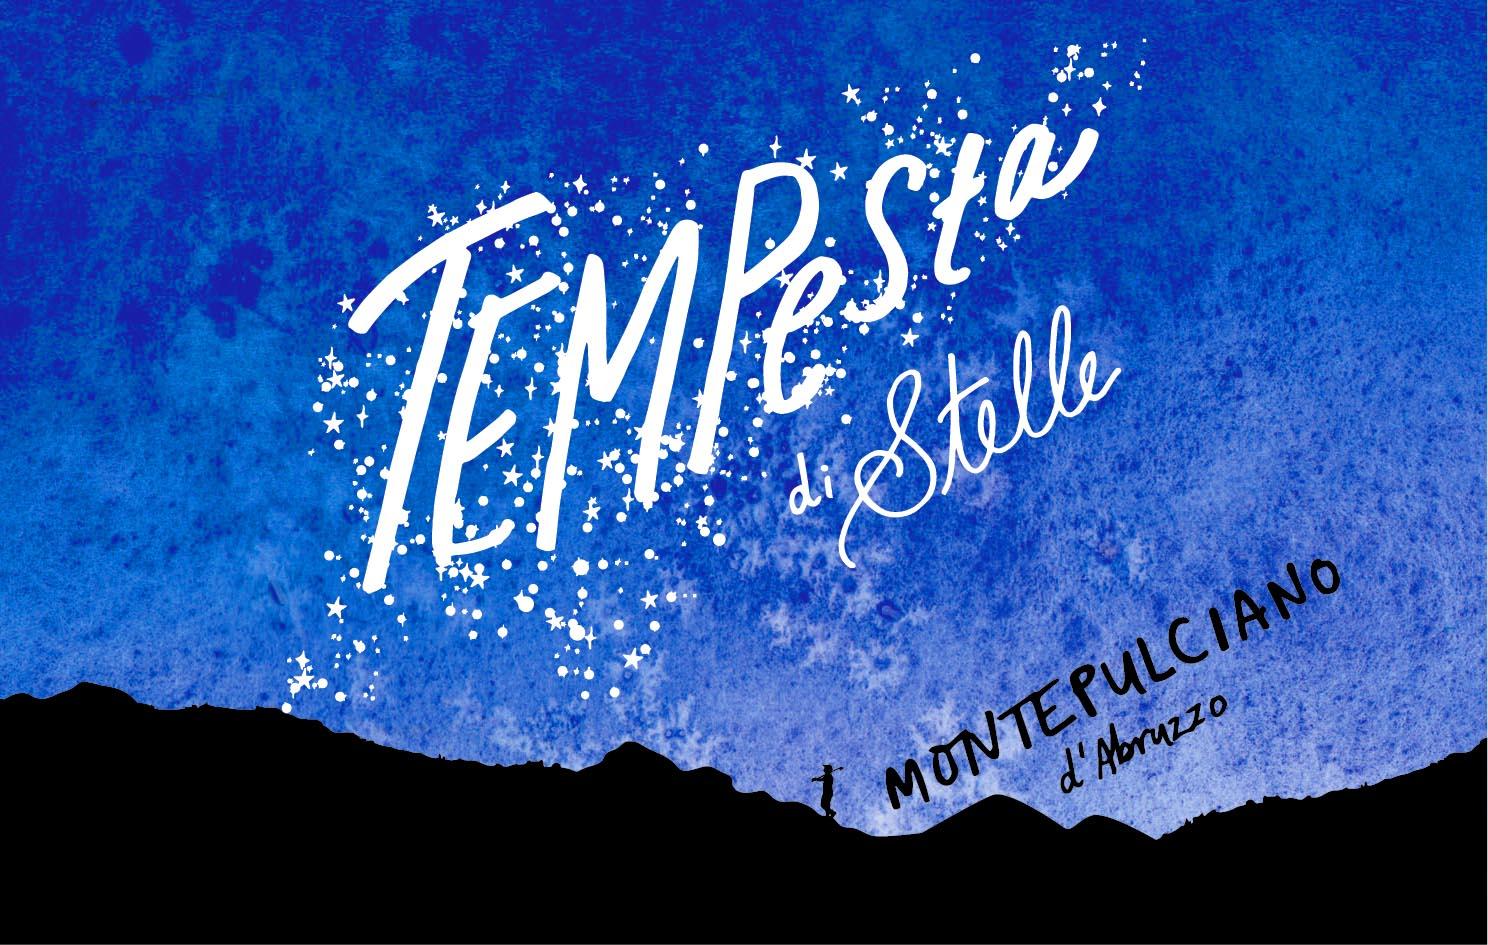 Earthshaker-Tempesta-di-Stelle-Label.jpg